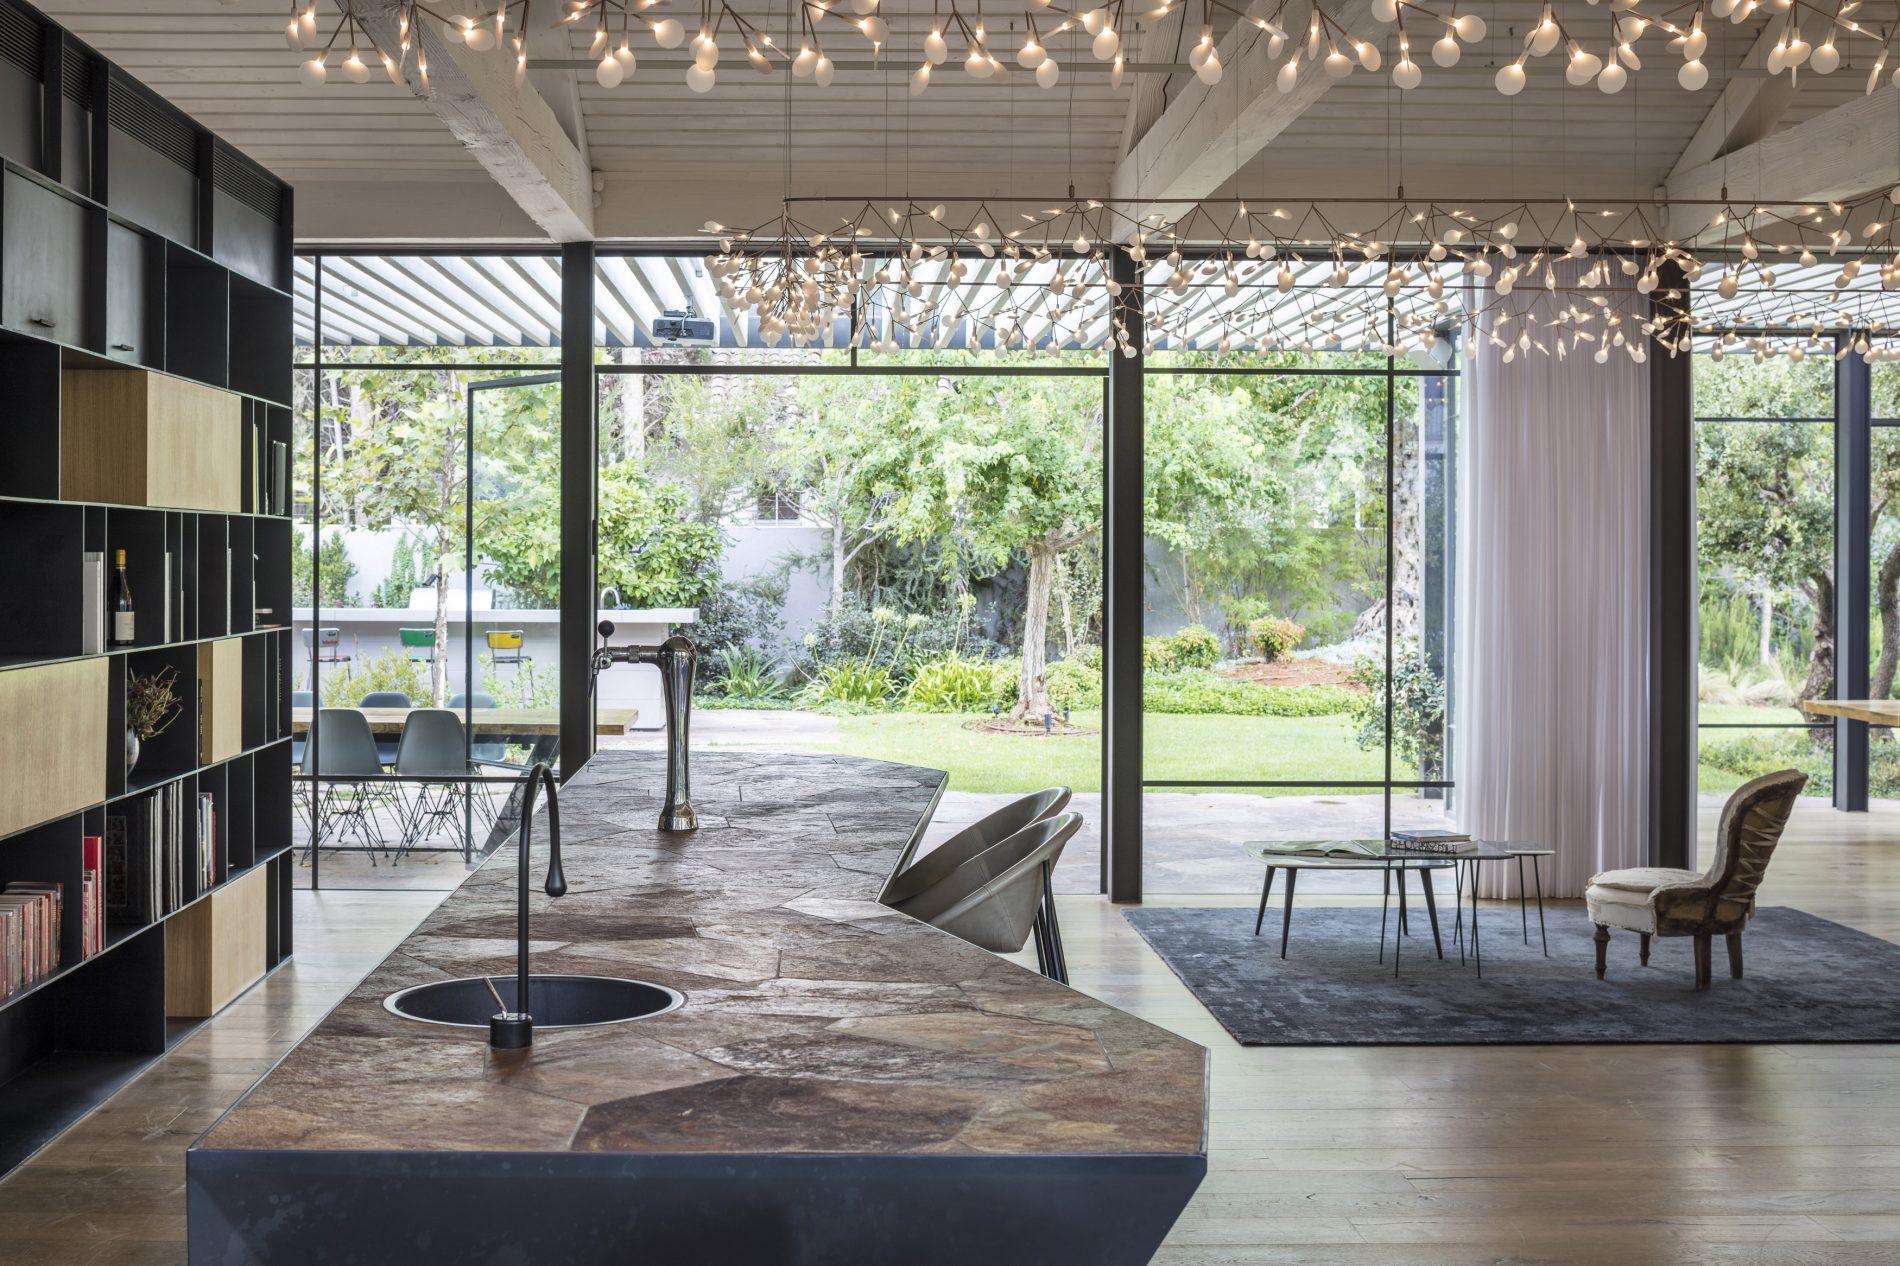 אור רב נכנס לבית דרך החלונות מפרופיל בלגי דקיק - פרוייקט בית הזכוכית